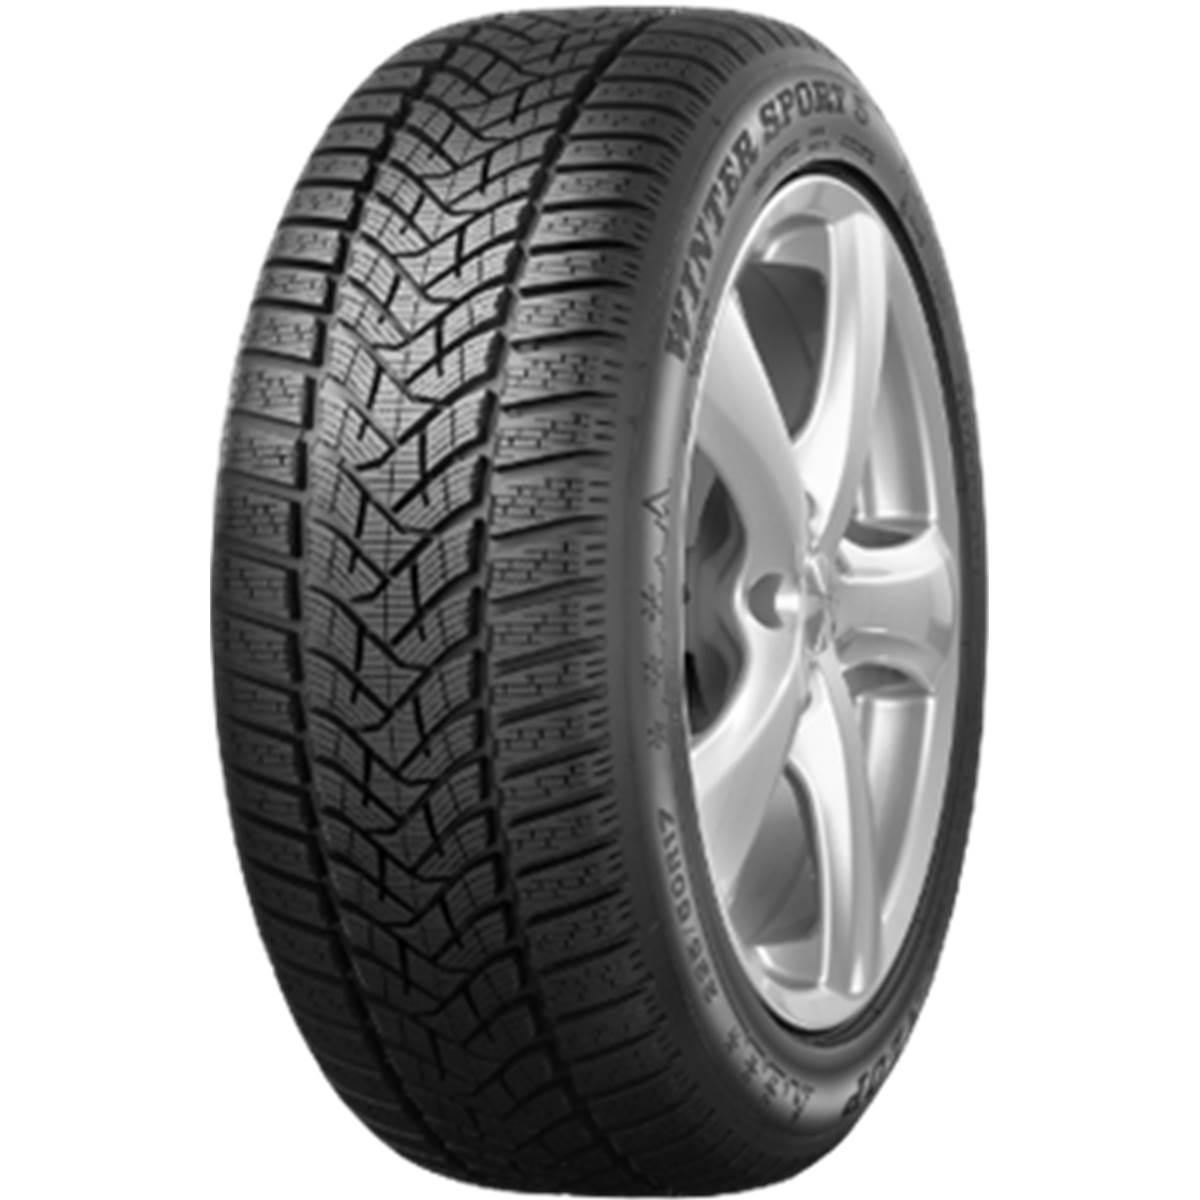 Dunlop Winspt5 Xl